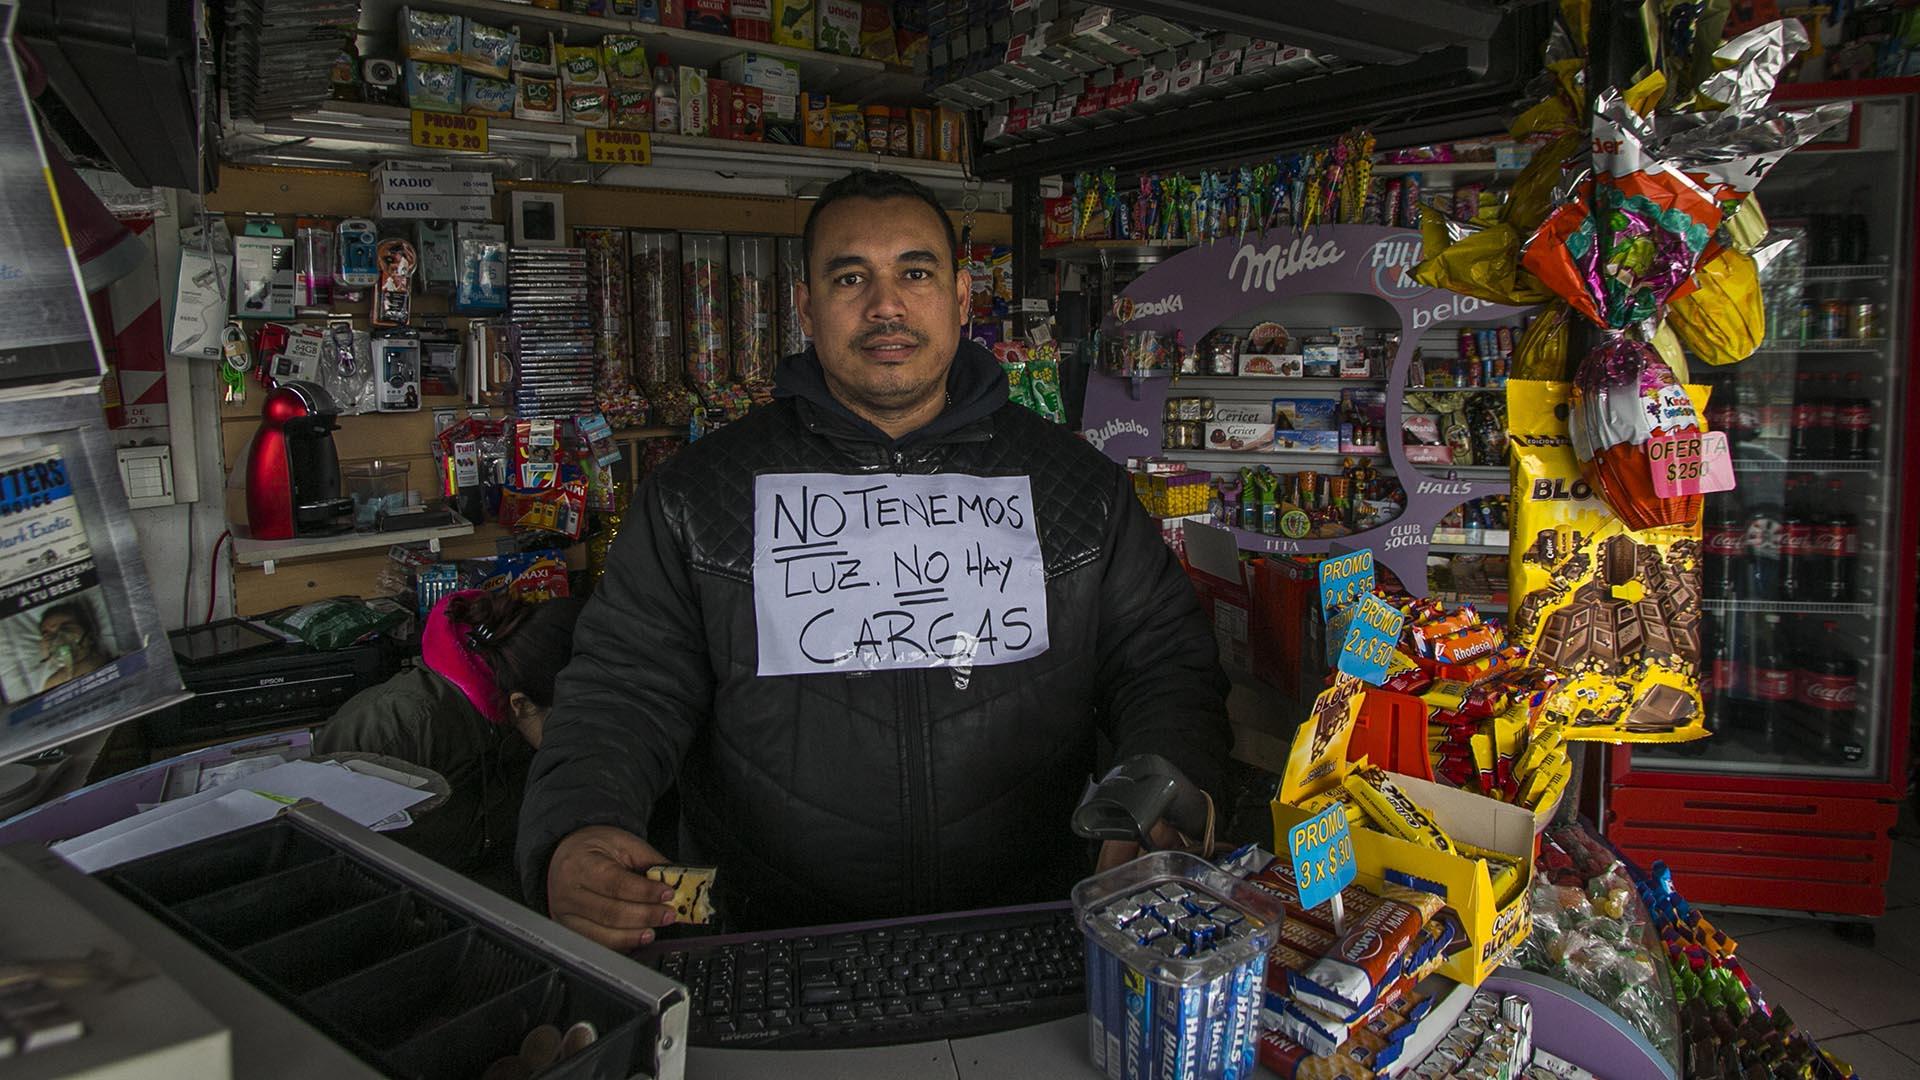 Algunos comerciantes instalaron carteles advirtiendo sobre el problema